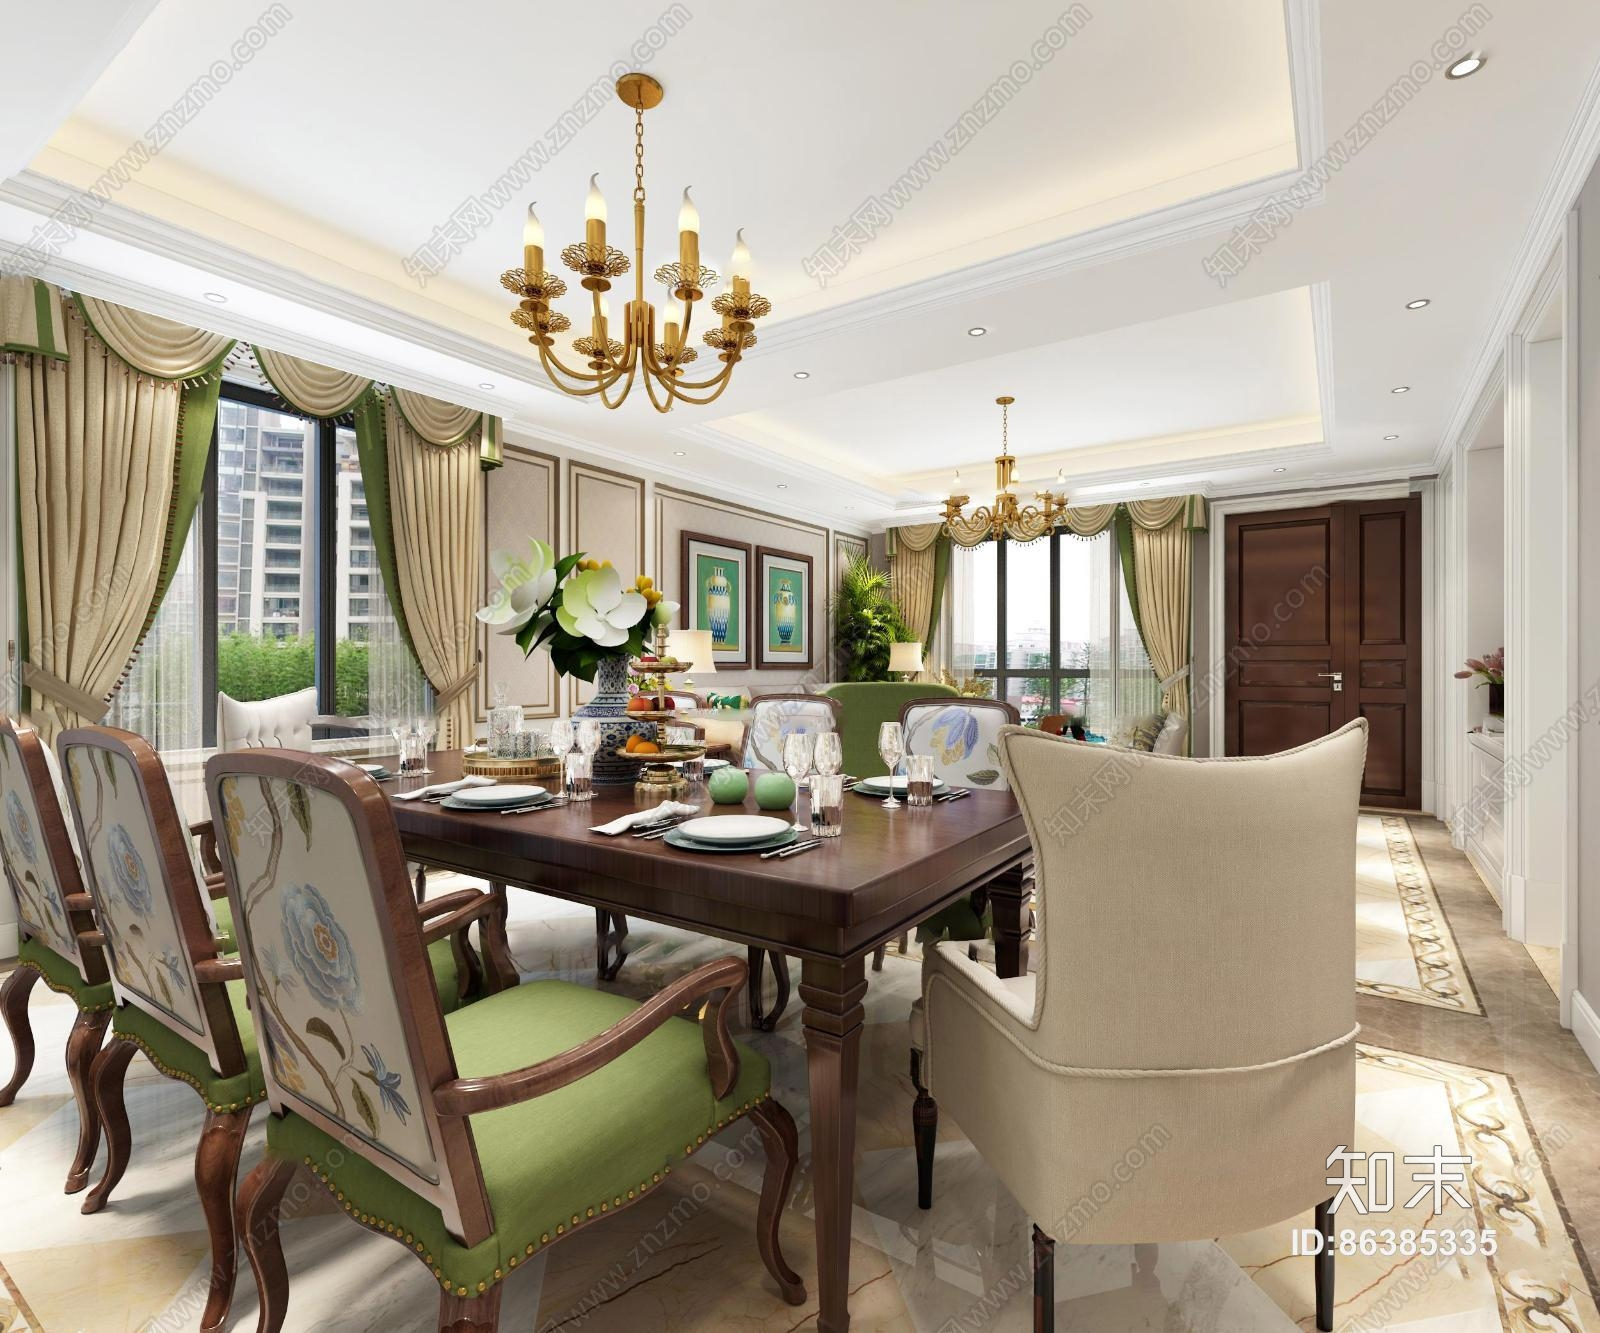 美式客厅餐厅书房 吊灯 台灯 单双人沙发 茶几 装饰柜 餐桌椅 挂画 陈设摆件 书桌椅 储物柜